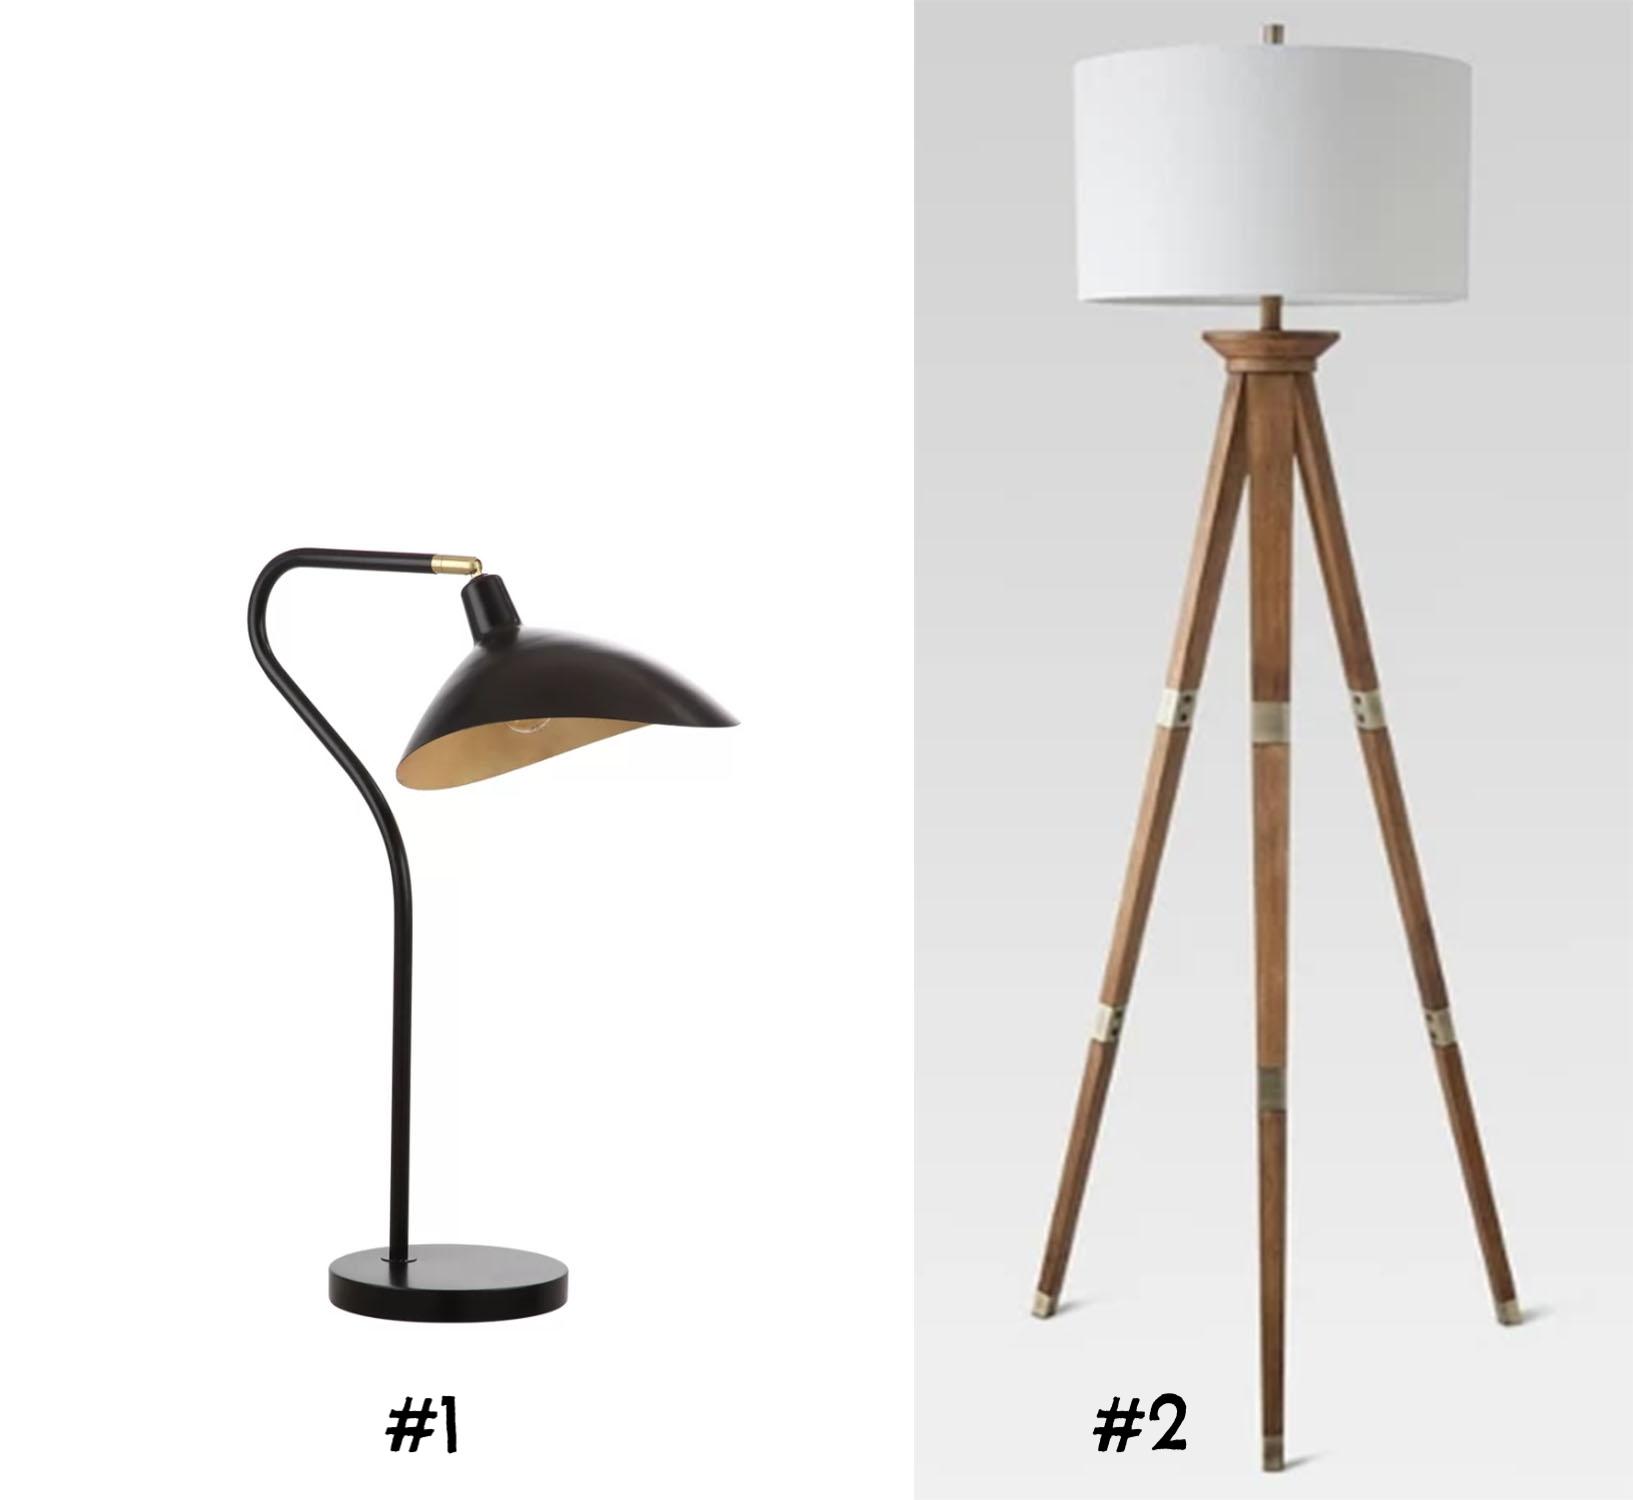 1_2 lamp.jpg